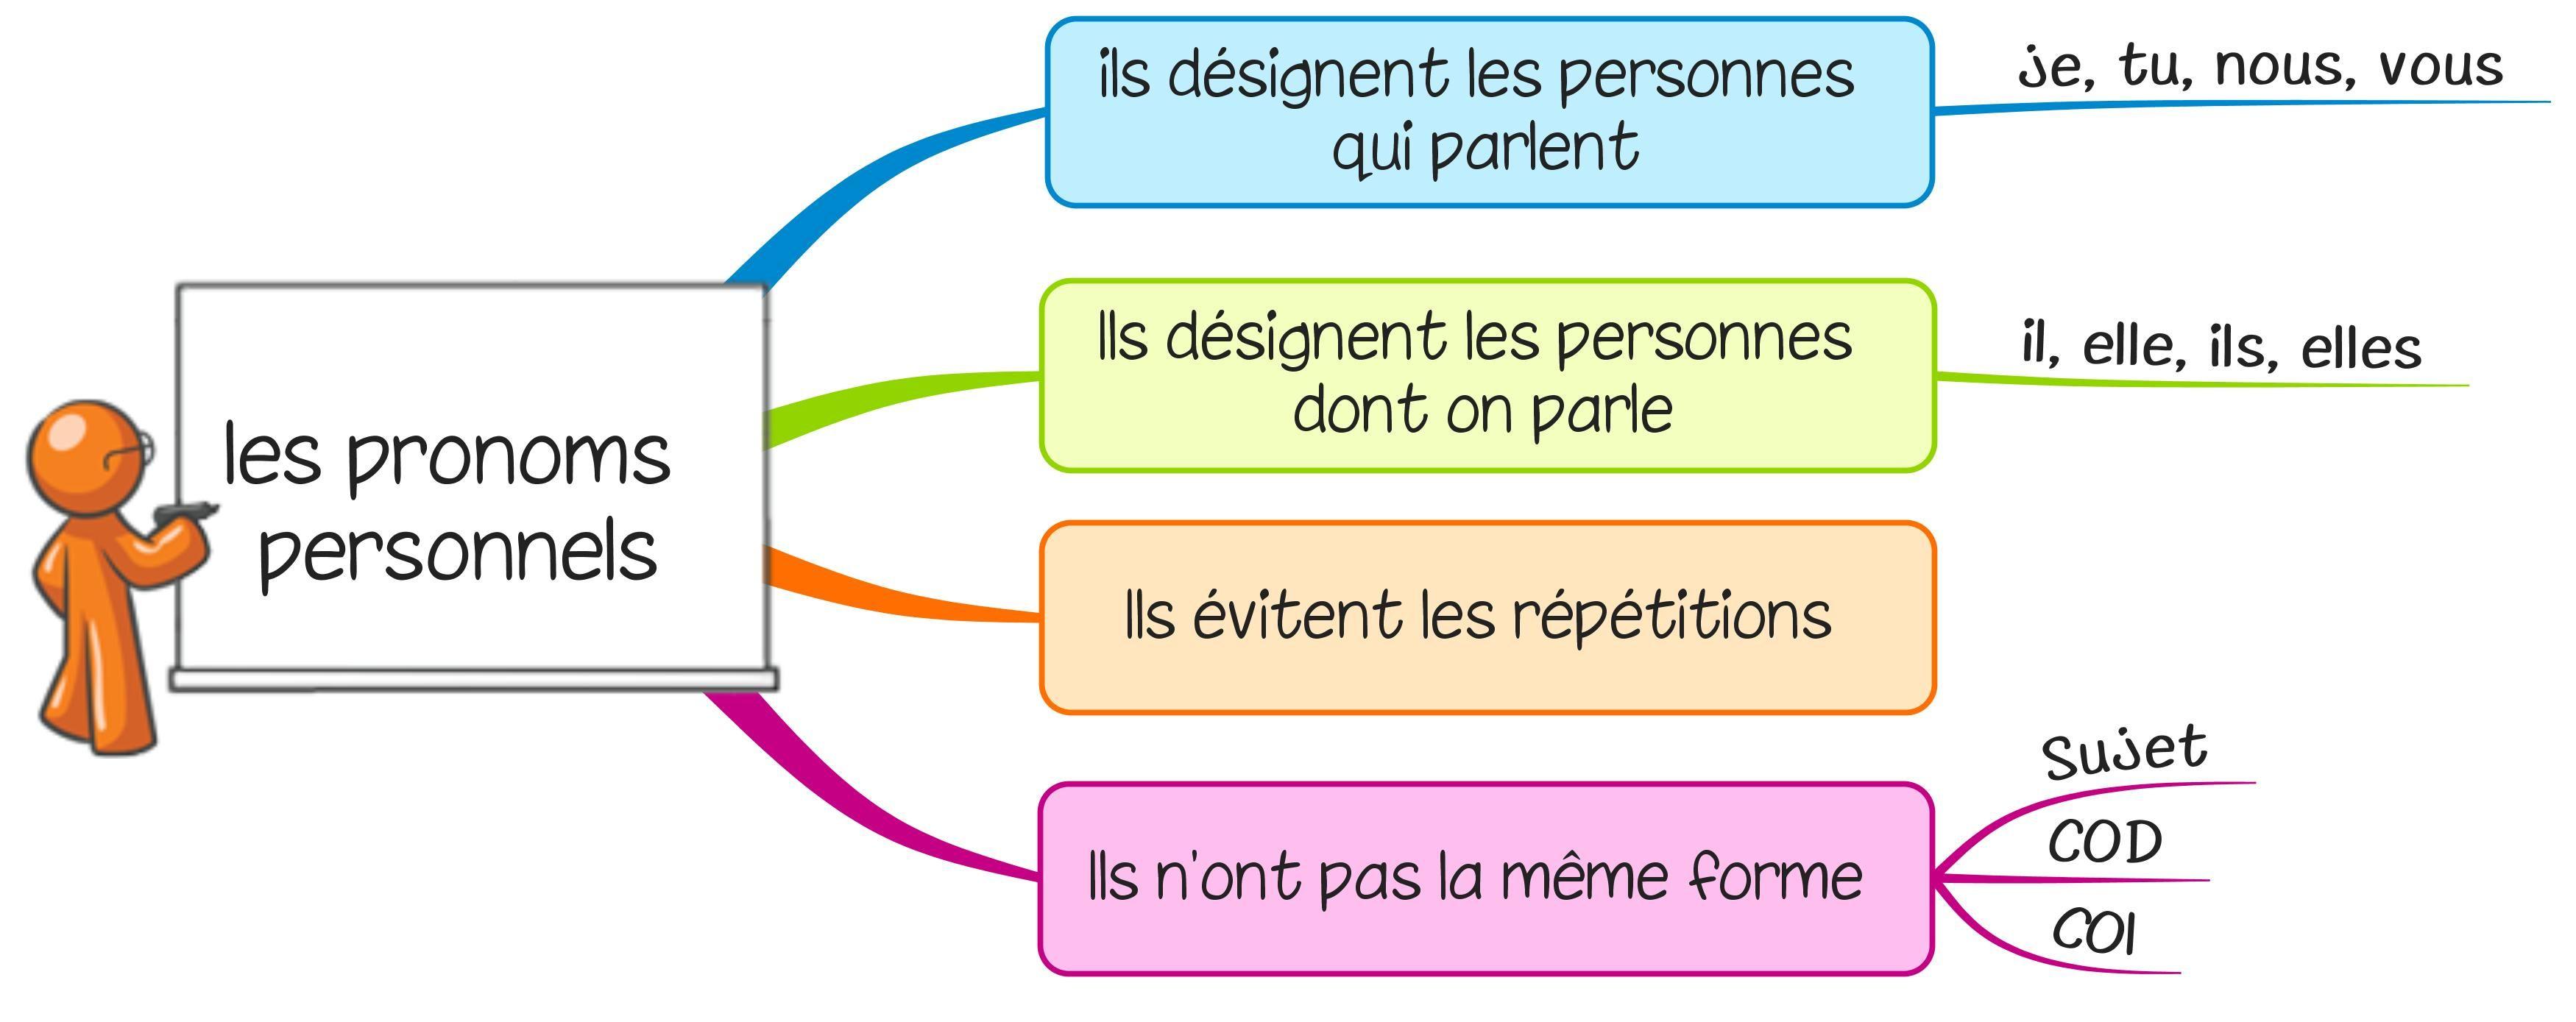 Leçon G9 Les Pronoms Personnels | Pronom Personnel dedans Leçon Respiration Cm1